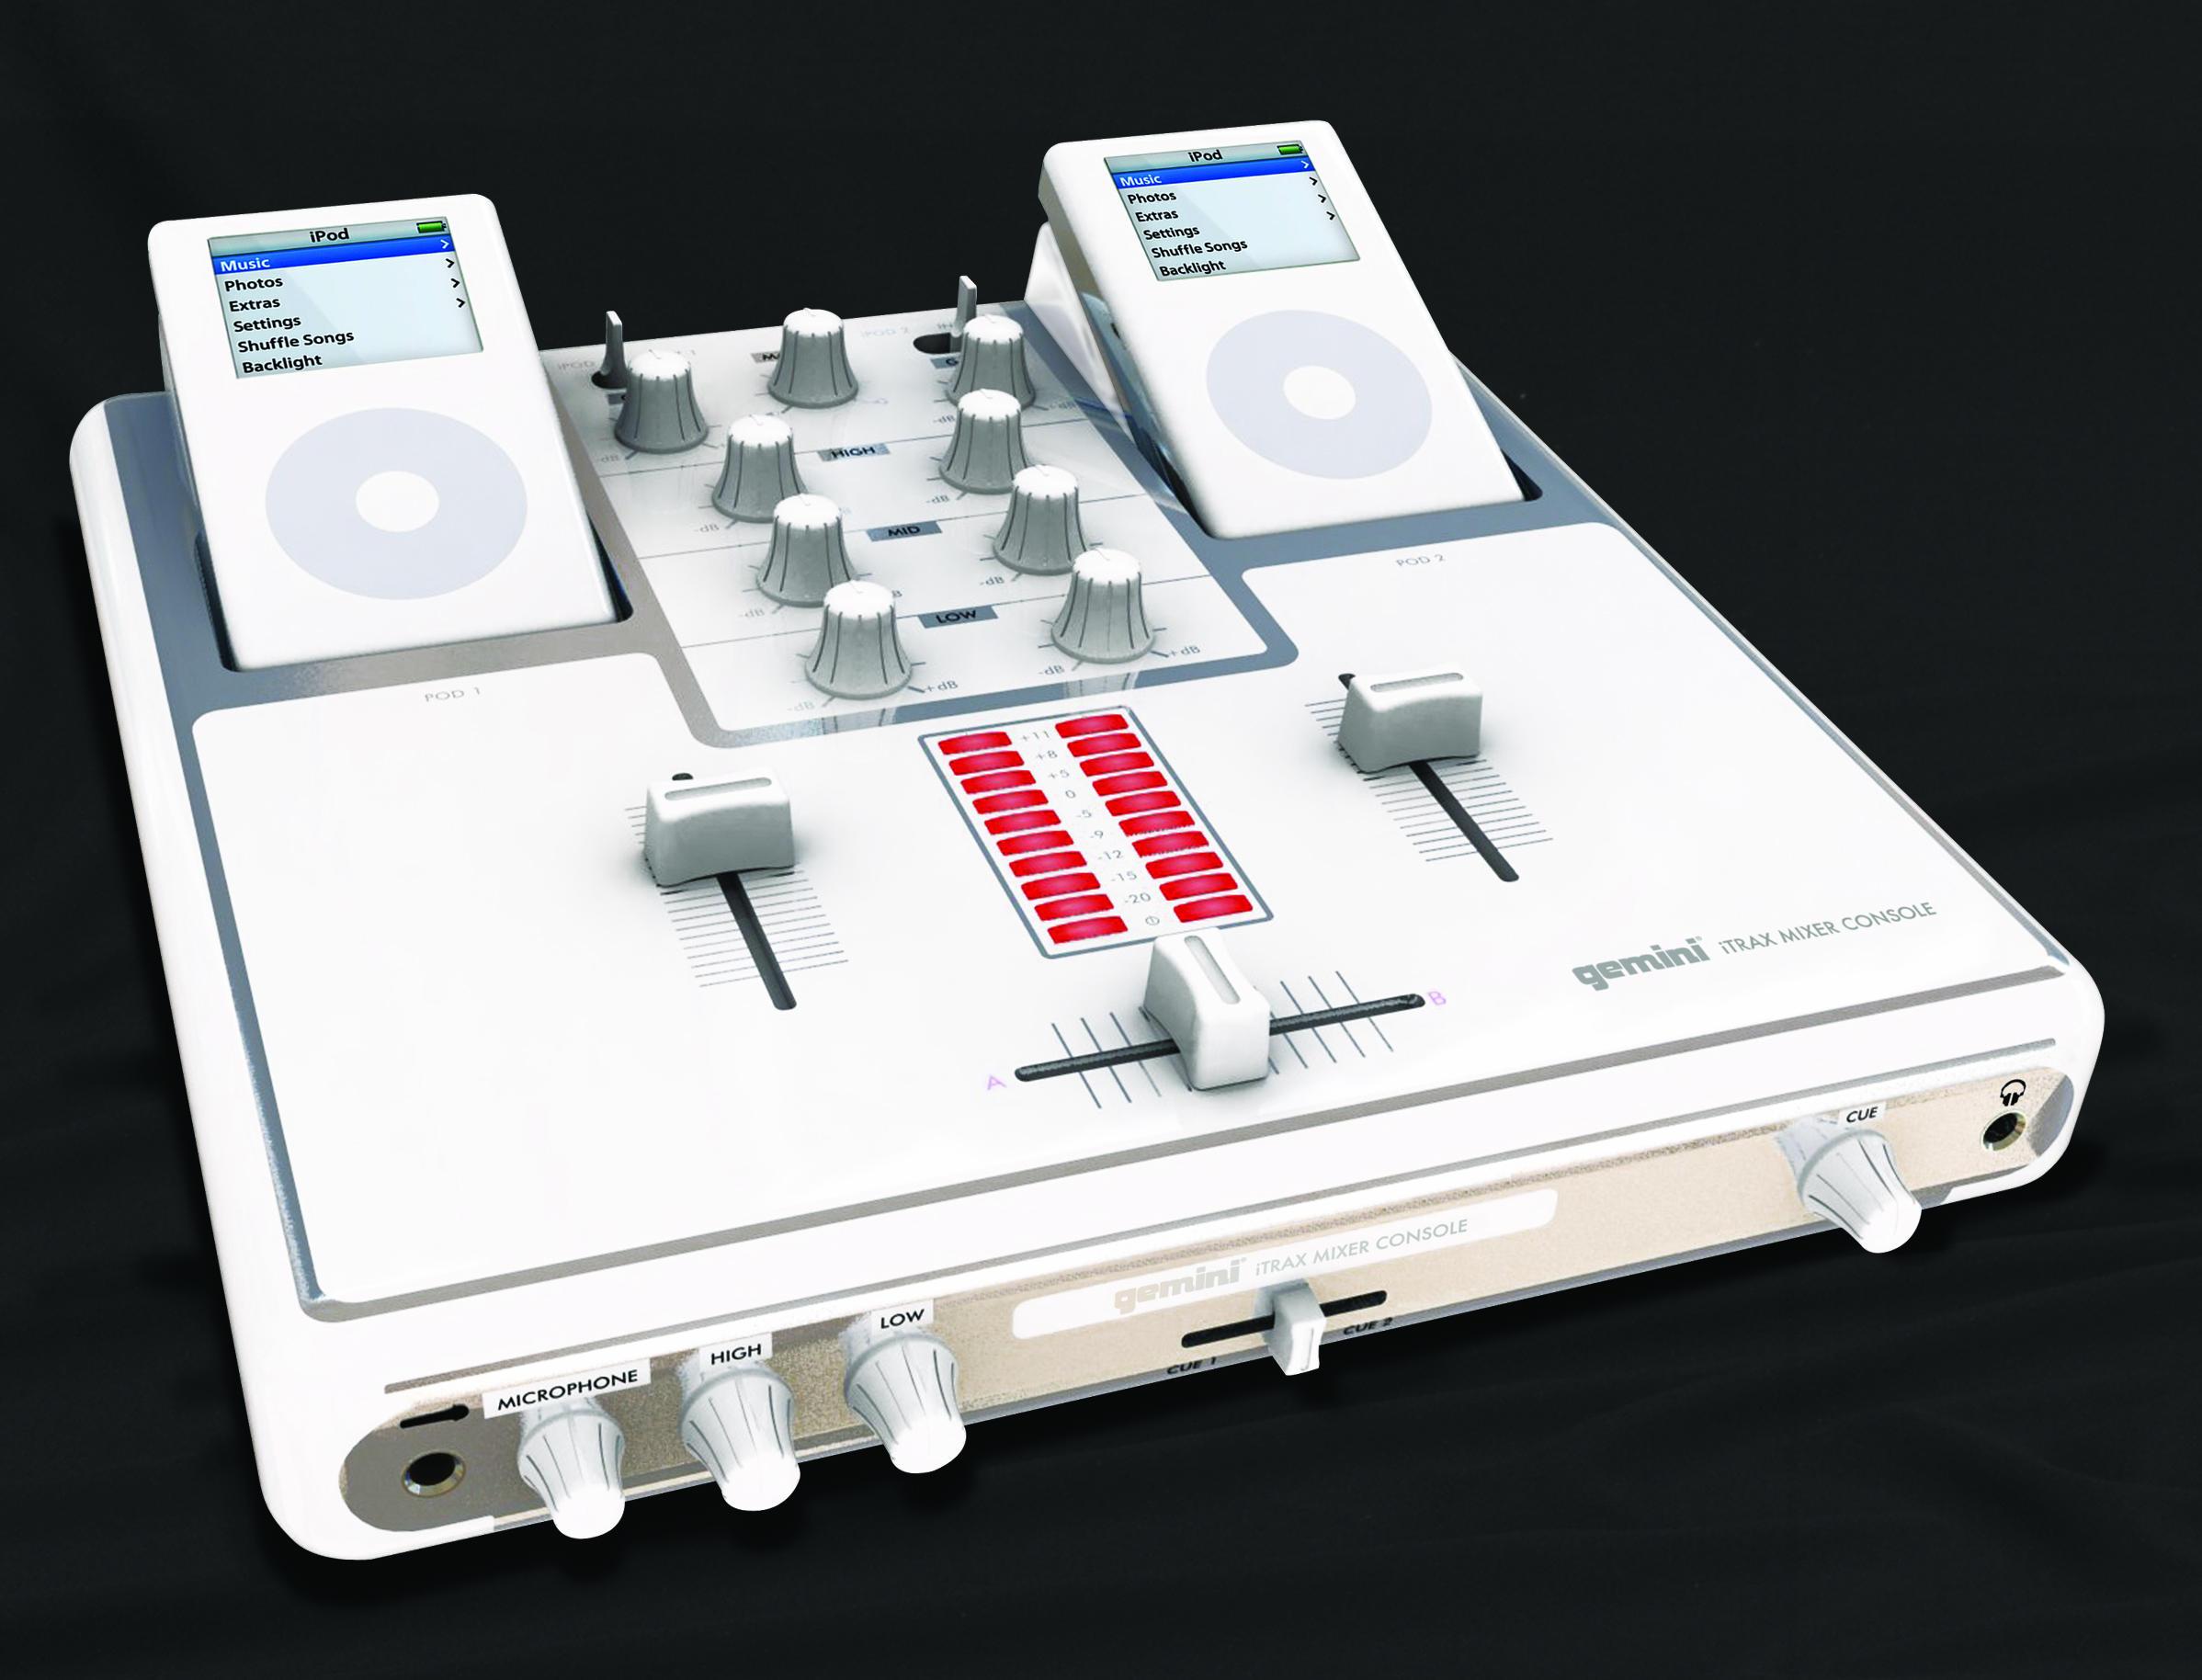 Gemini DJ iTrax iPod Mixing Console